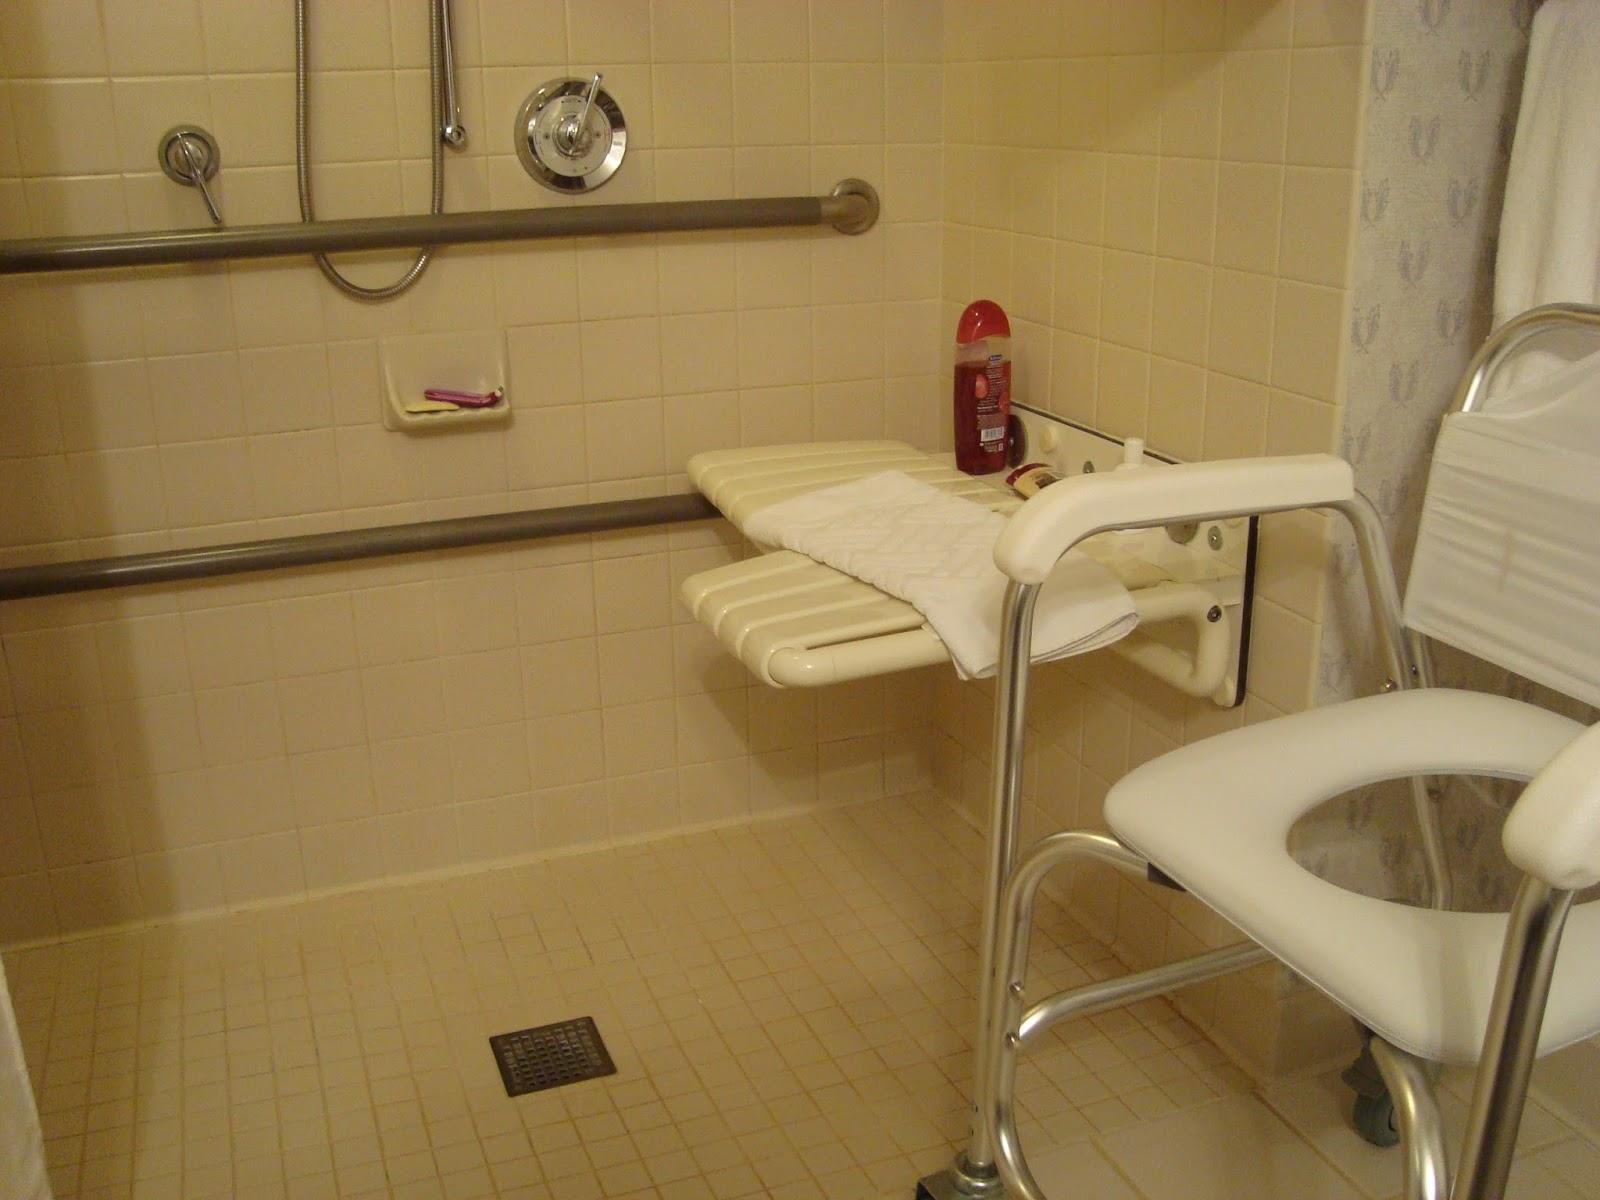 Viajante Cadeirante: Acessibilidade Transporte/Acomodação/Passeio  #694C24 1600x1200 Adaptação Banheiro Cadeirante